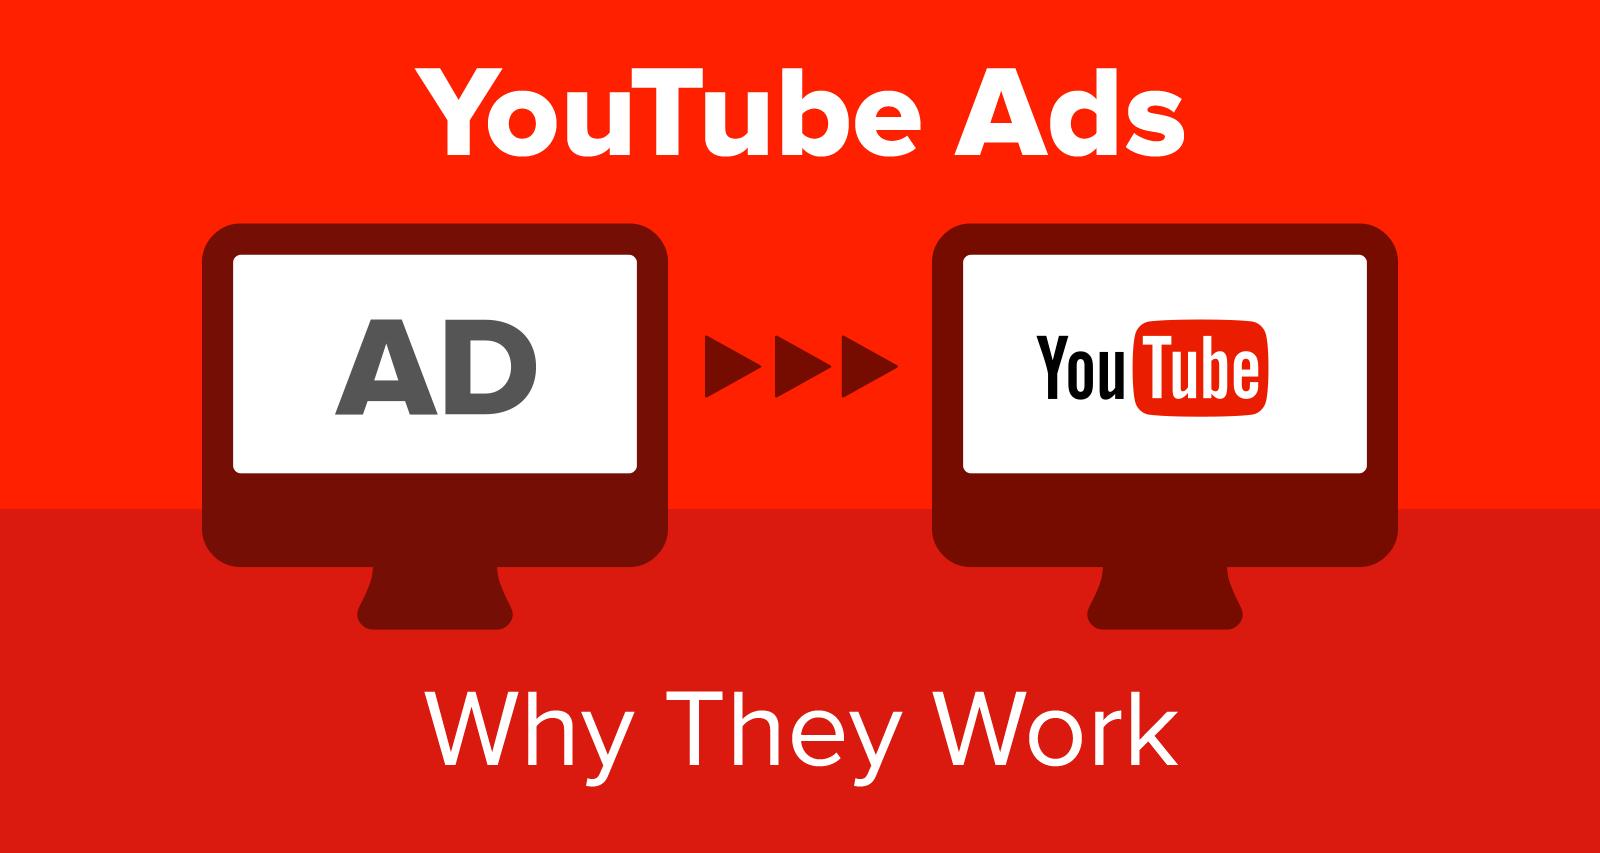 YouTube Ads: Lĩnh vực doanh nghiệp cần quan tâm đặc biệt vào năm 2021